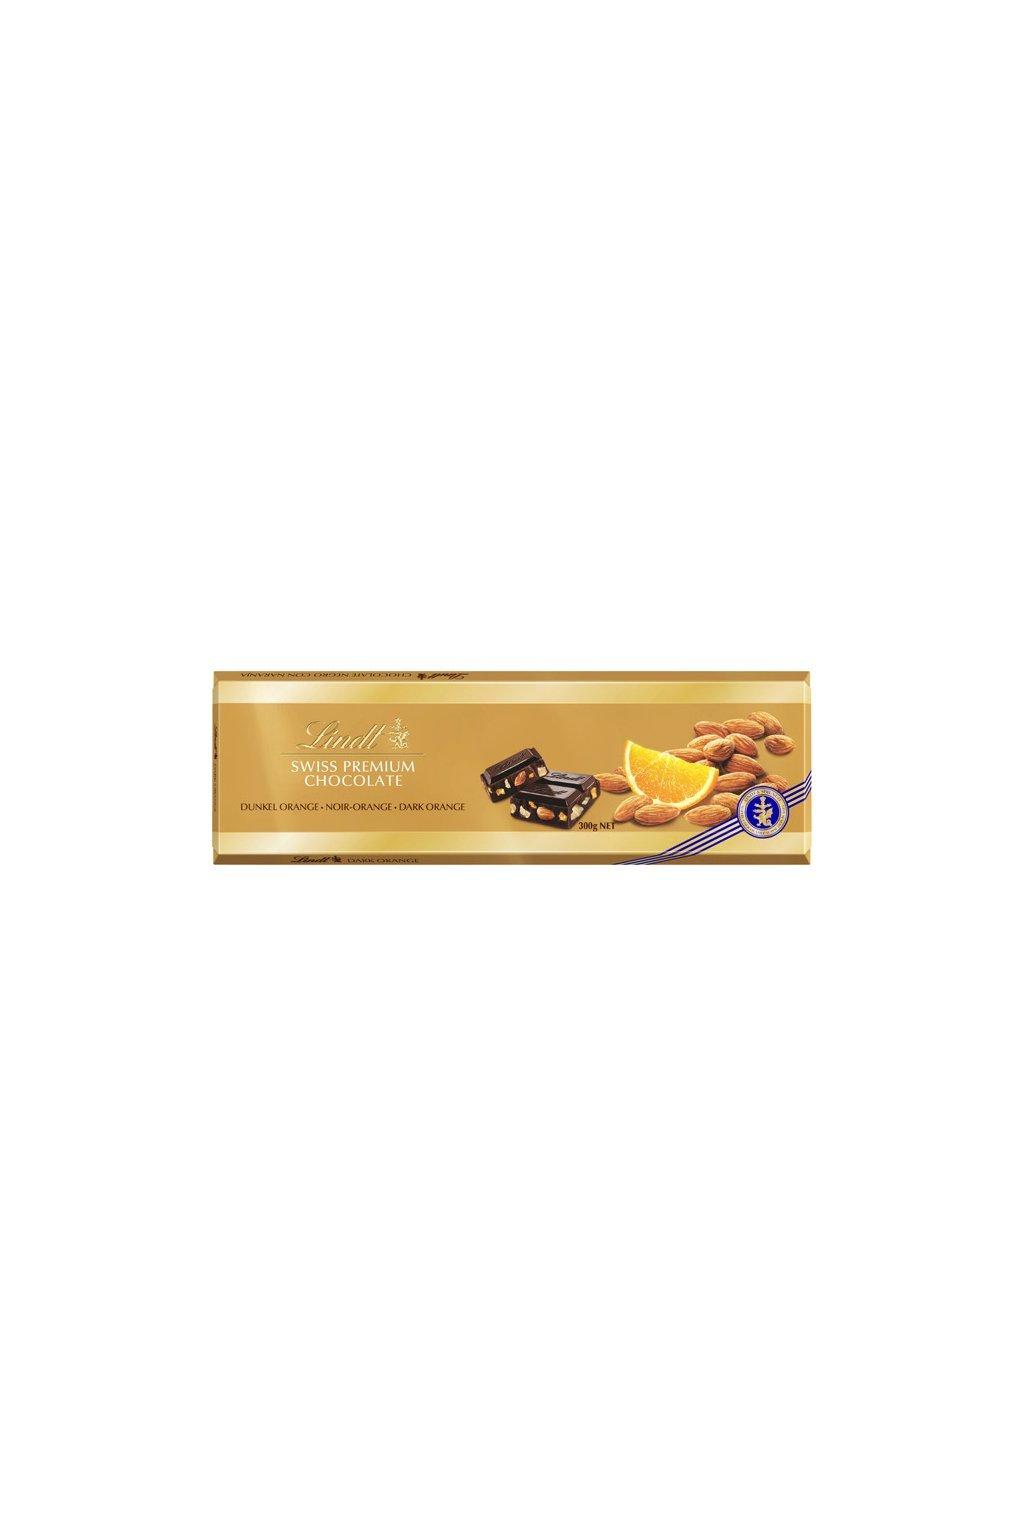 11018 lindt dark orange almonds 300g (1)